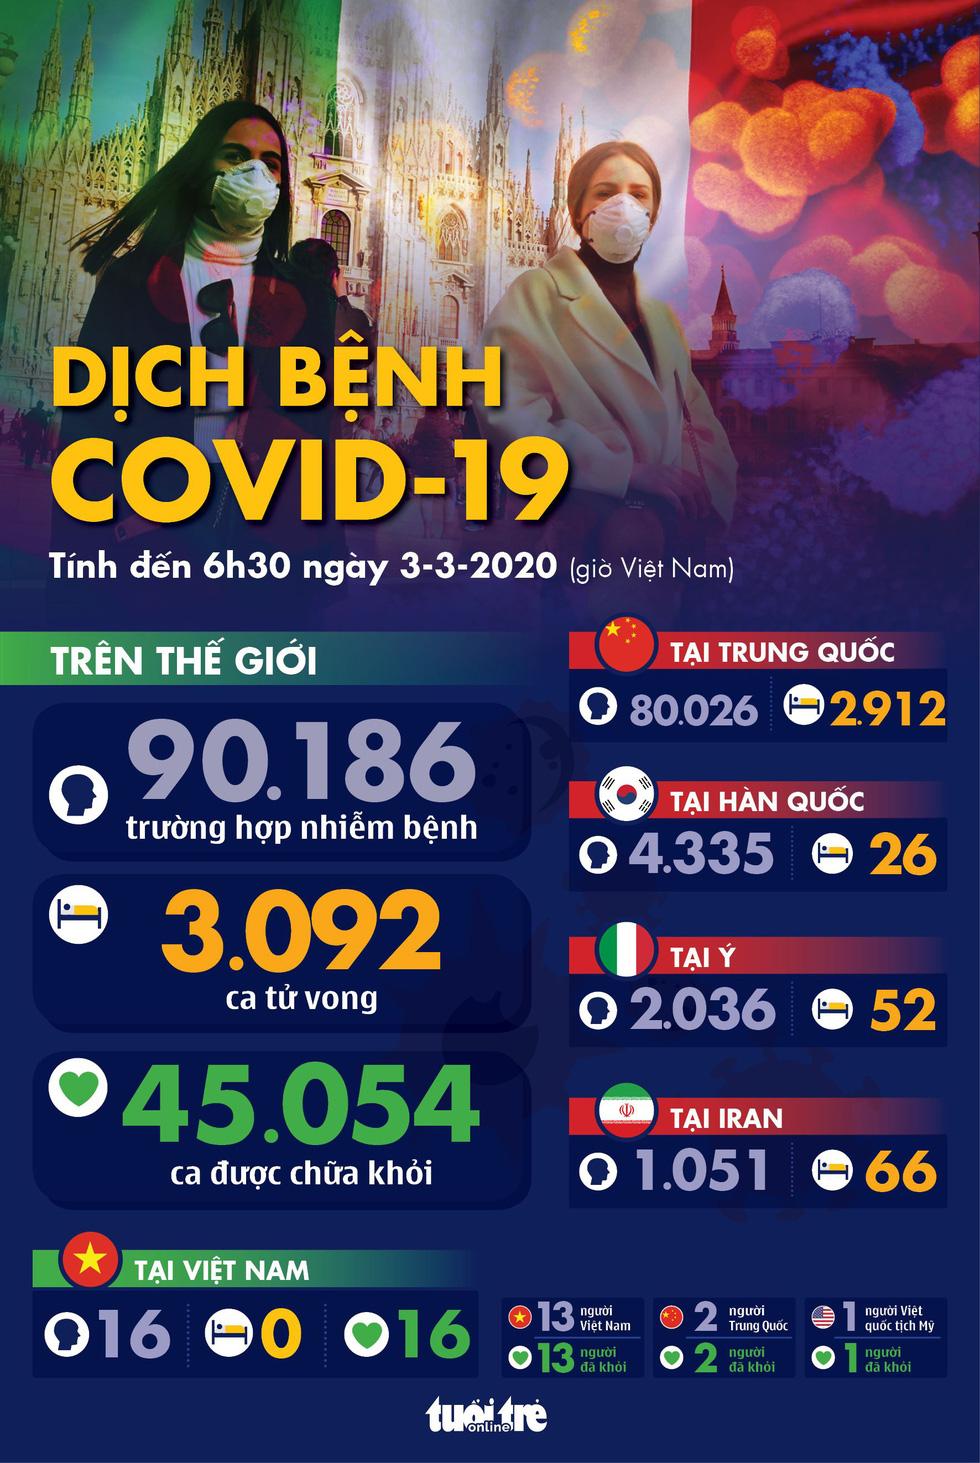 Dịch COVID-19 ngày 3-3: Số nhiễm ở Hàn Quốc tăng 477 trong một ngày - Ảnh 1.